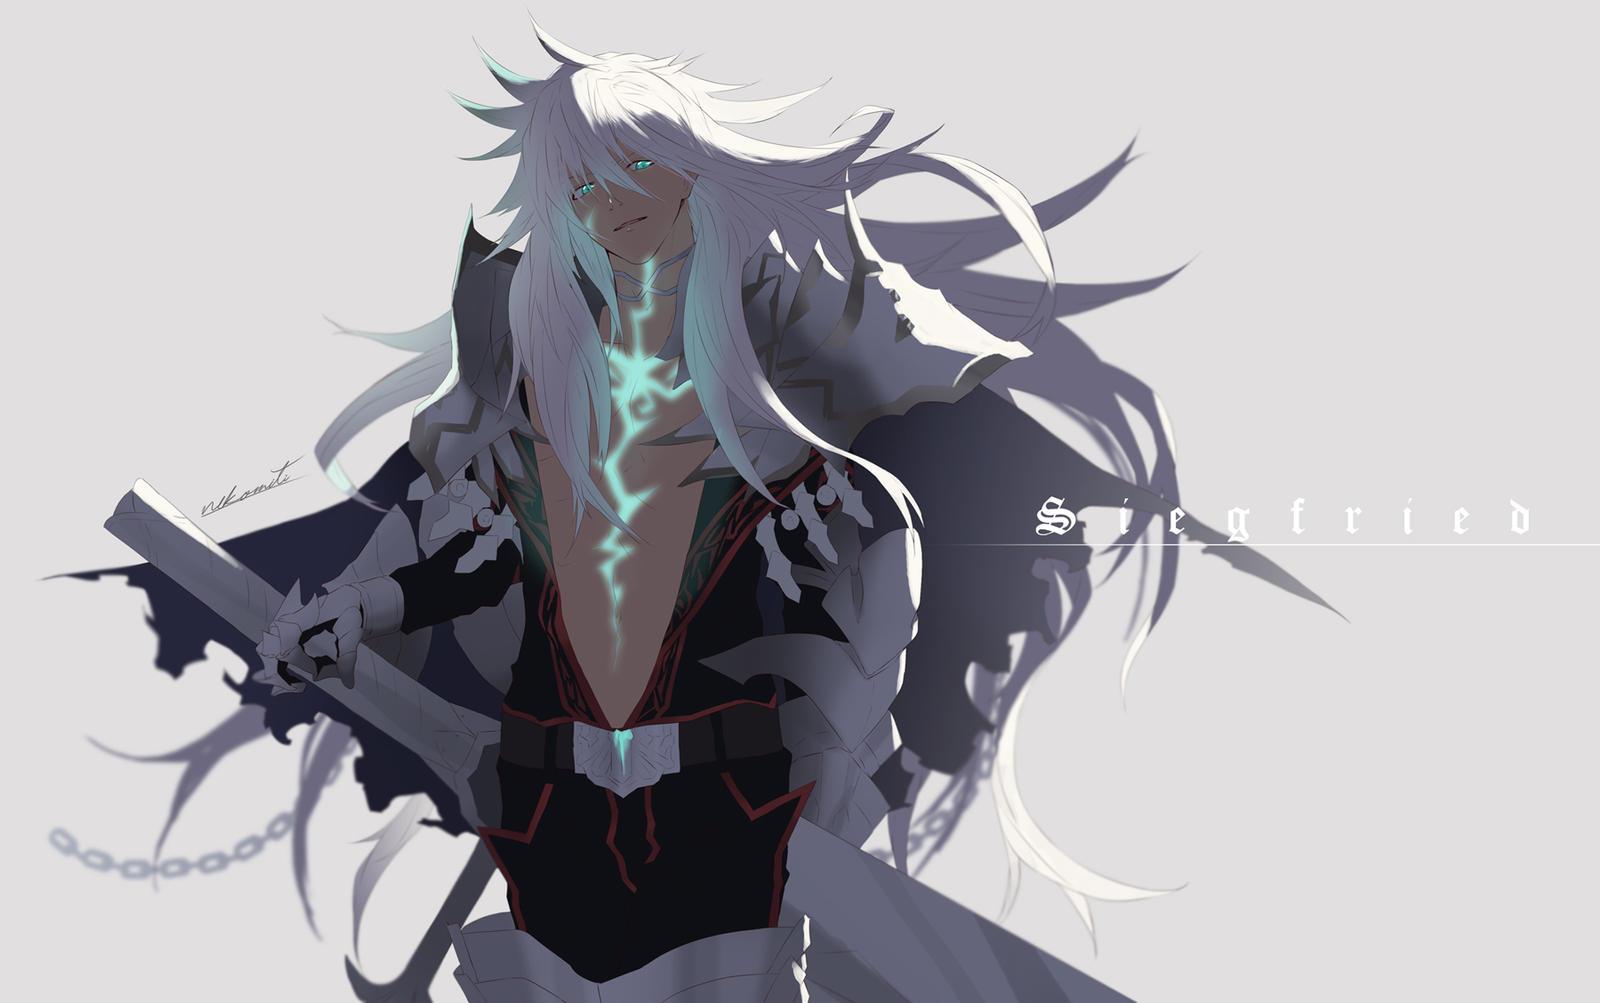 Siegfried by nekomiti